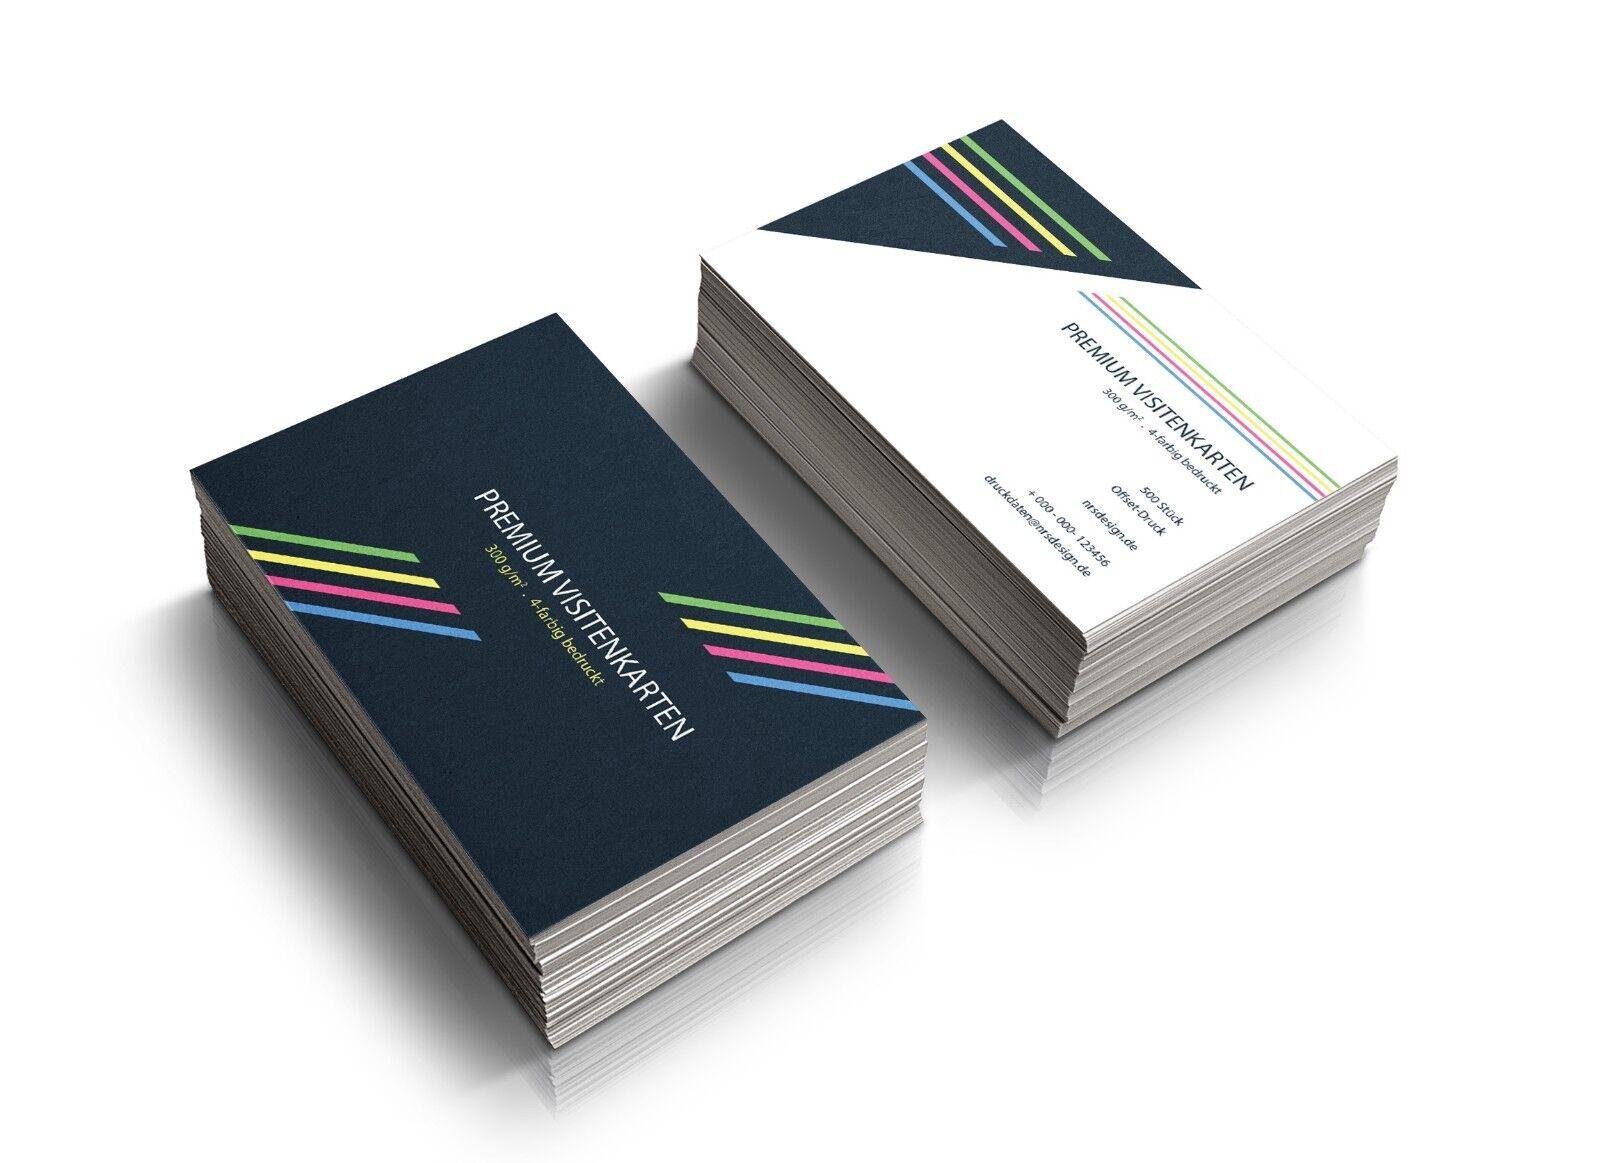 Premium Visitenkarten drucken・einseitig oder beidseitig・farbig・Profi-Druck